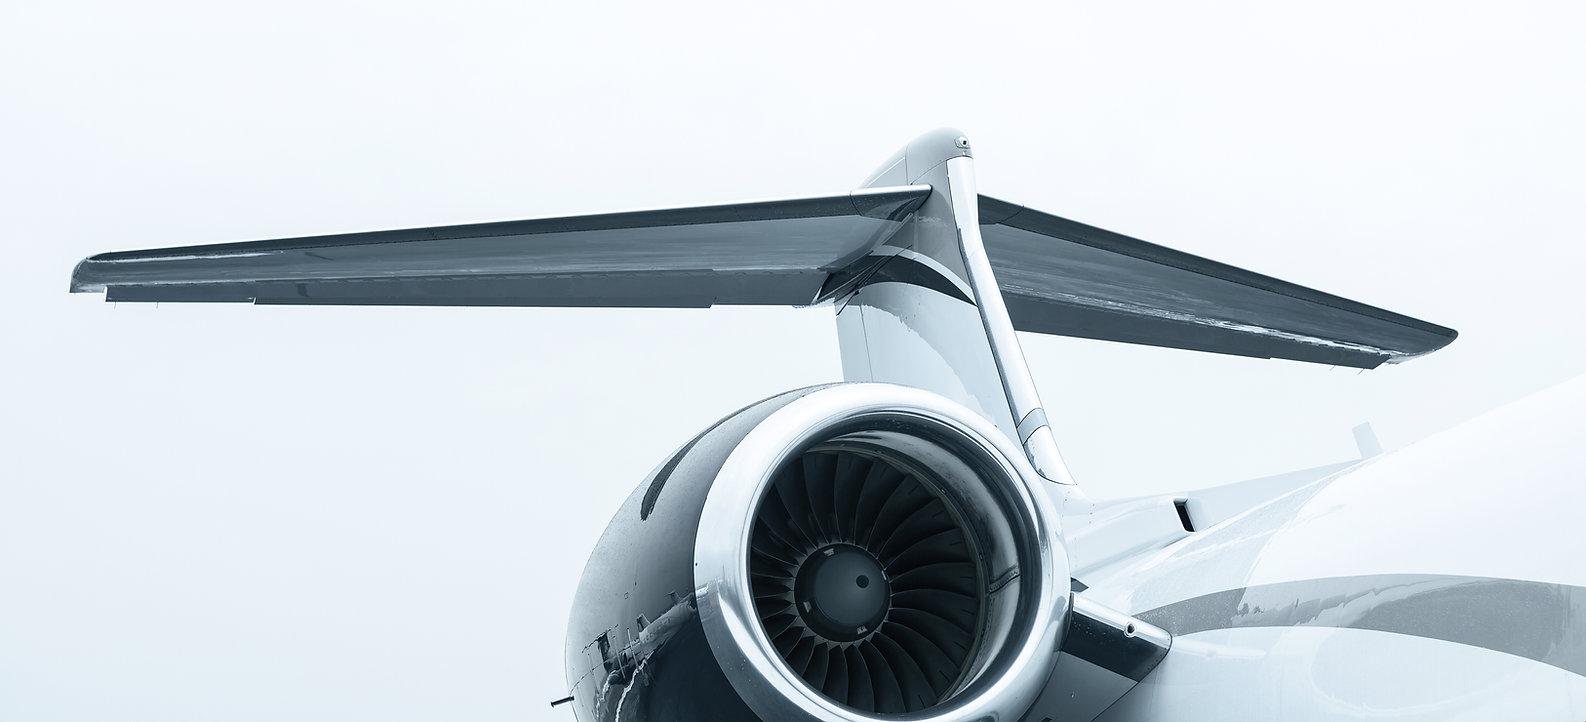 Private Jet Engine - Hastie Recruitment